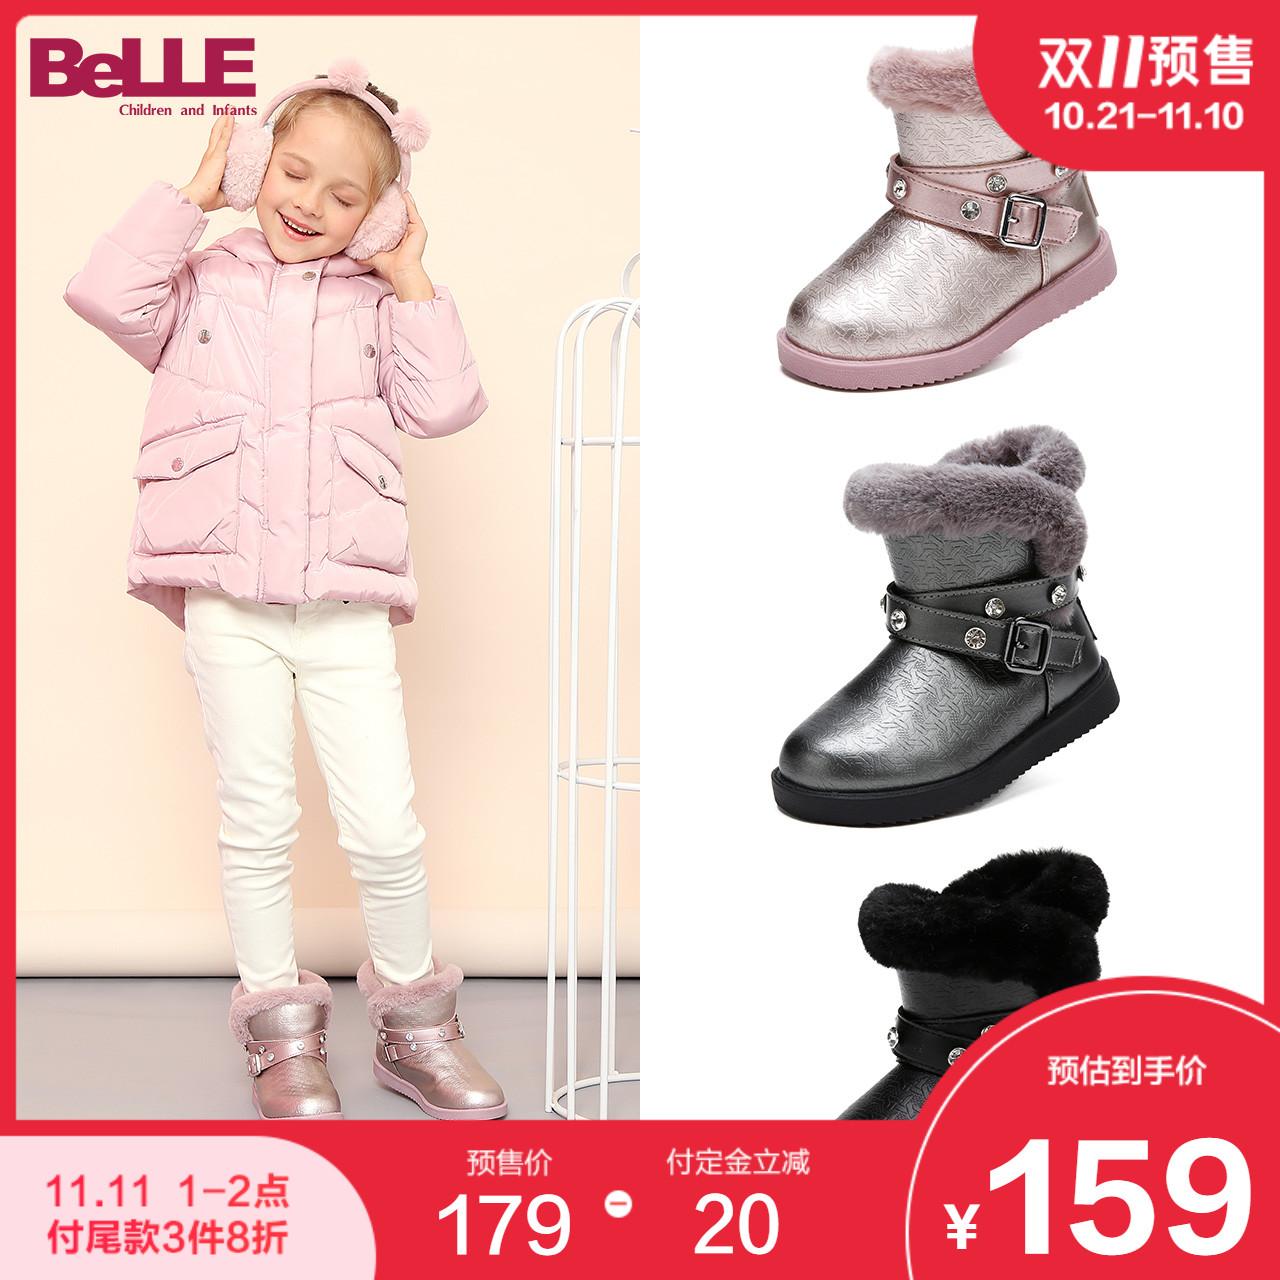 【天猫双11】双11百丽童鞋儿童雪地靴女童加绒保暖靴子中小童低筒短靴 thumbnail